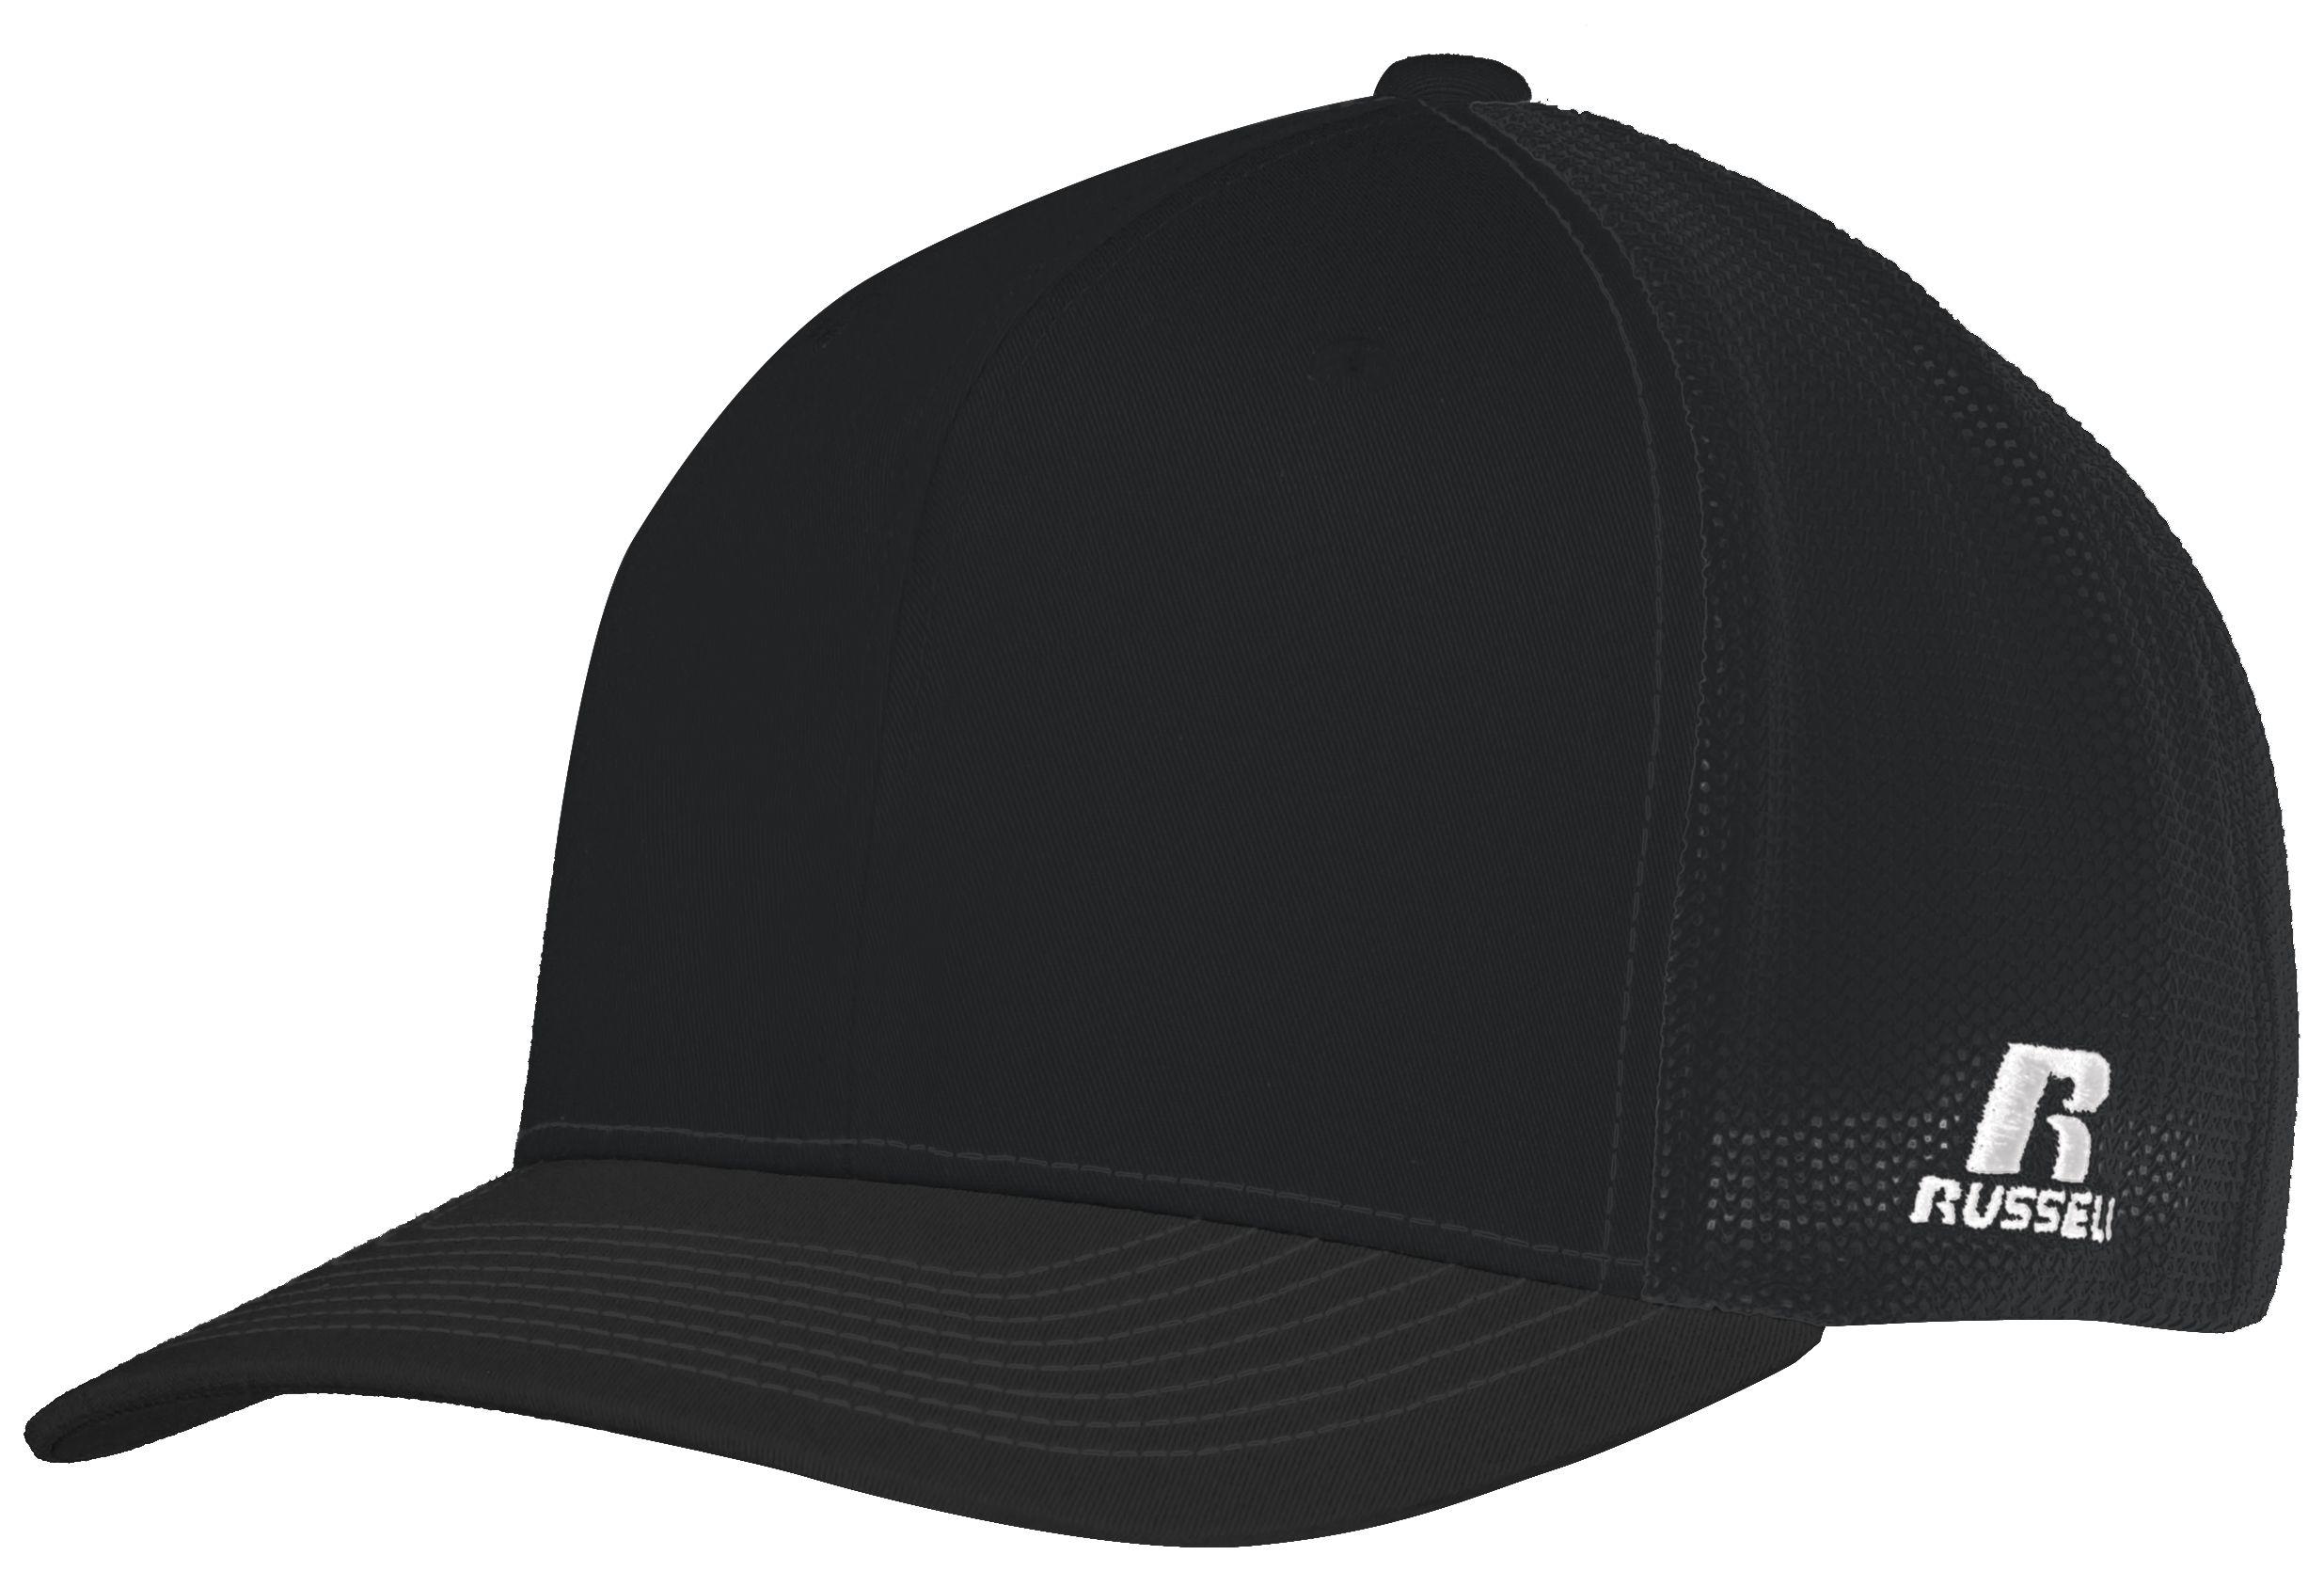 Youth Flexfit Twill Mesh Cap - BLACK